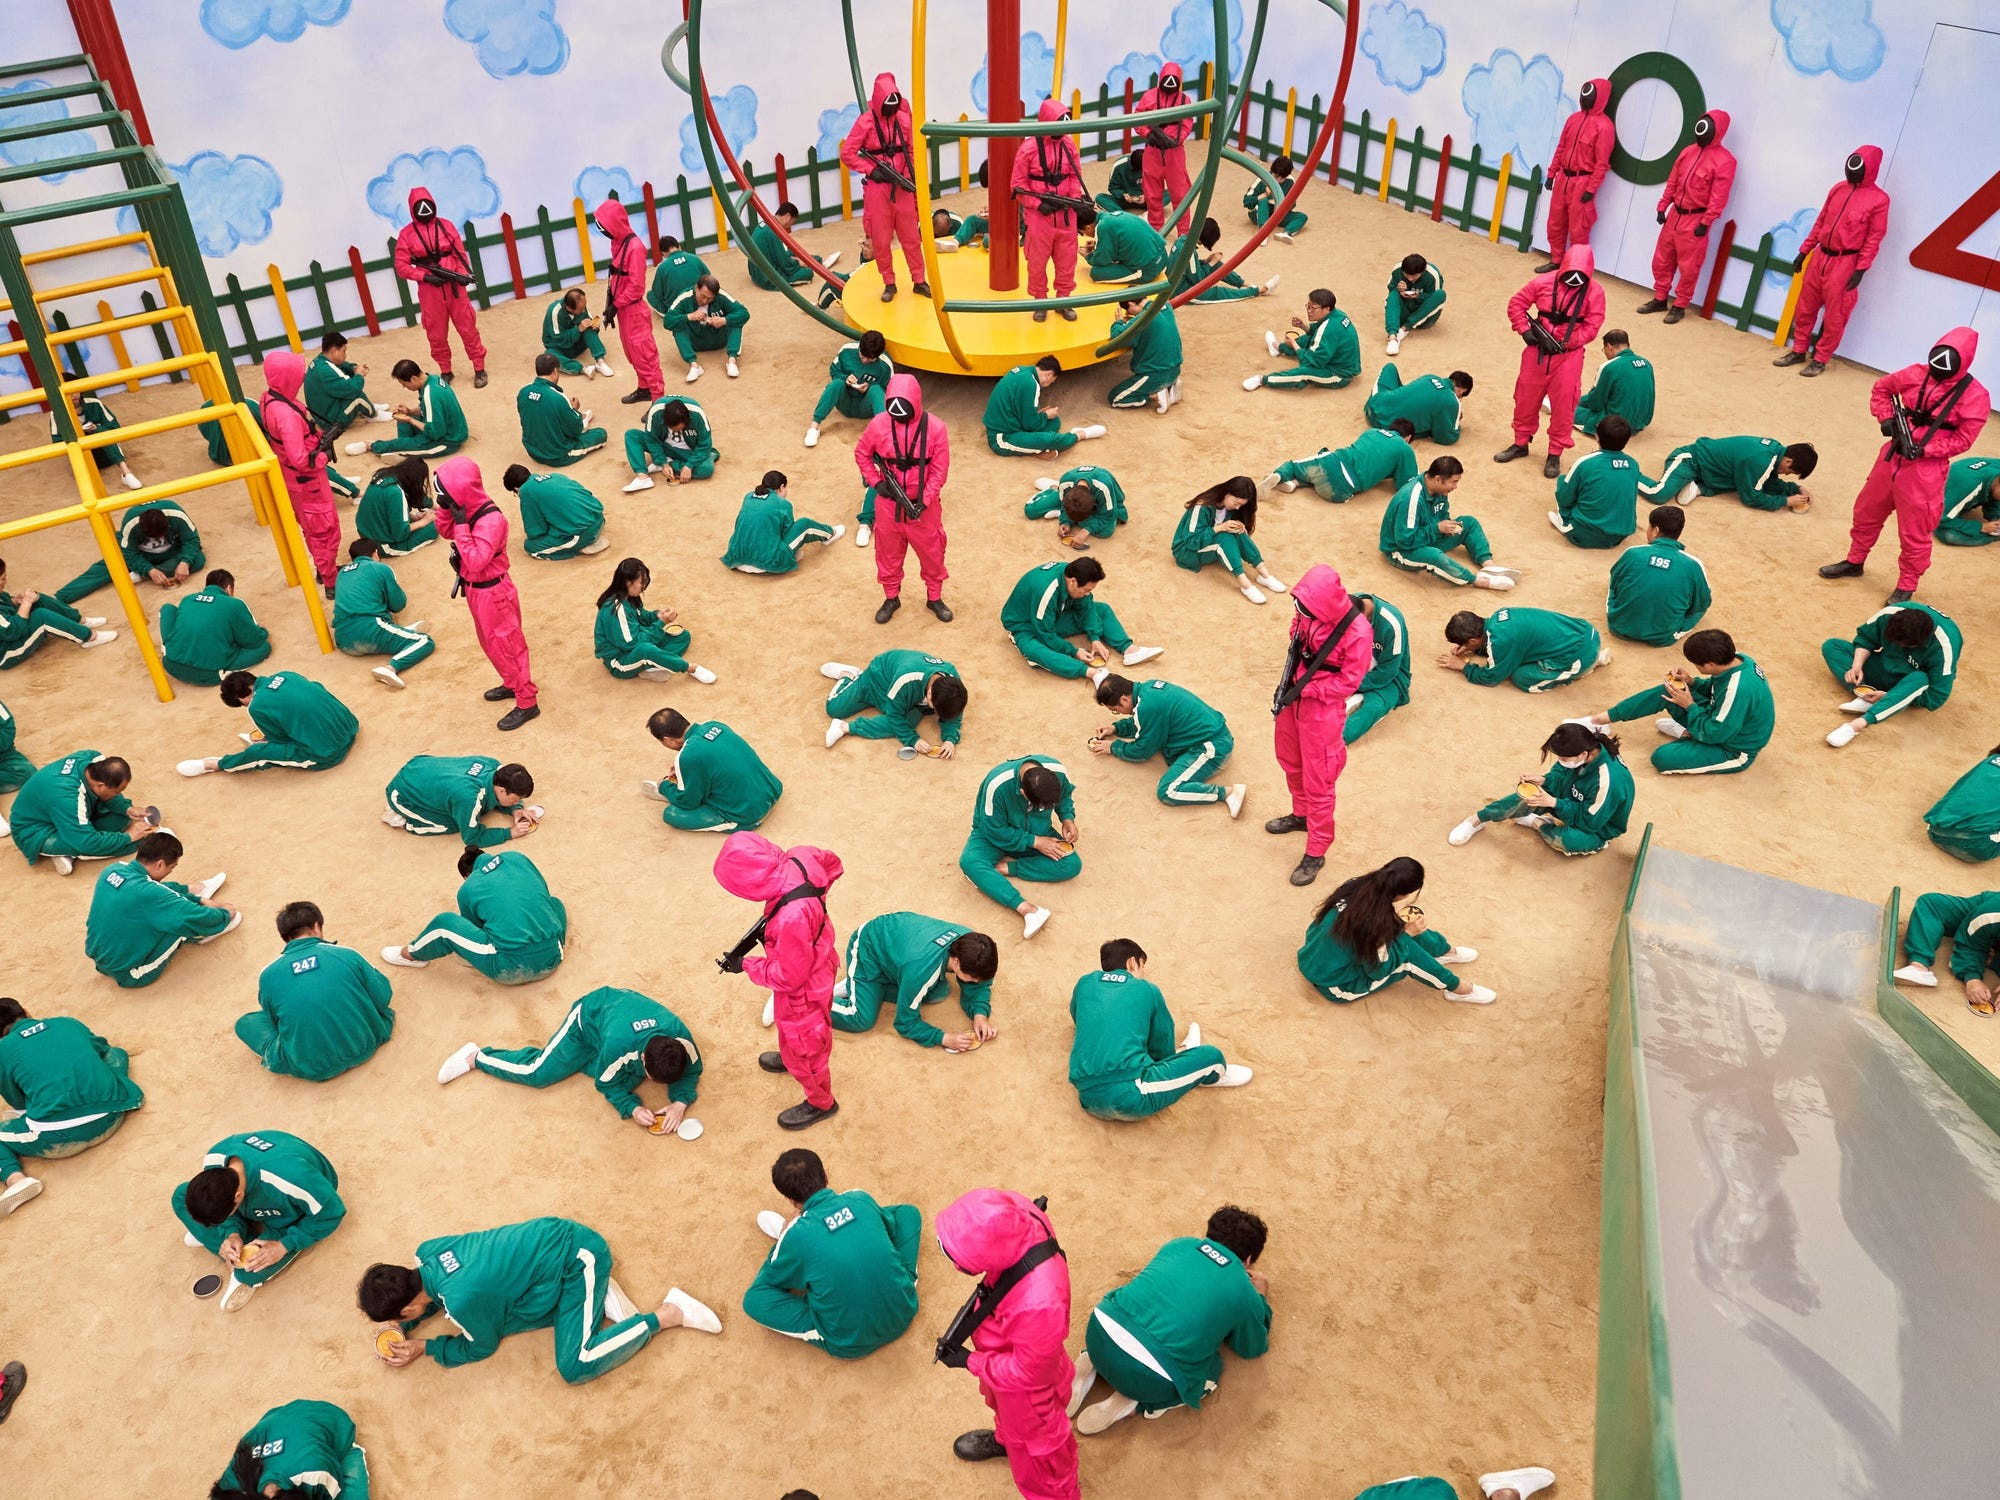 Người trẻ Hàn Quốc: 'Cuộc sống của tôi chẳng khác gì phim Squid Game'